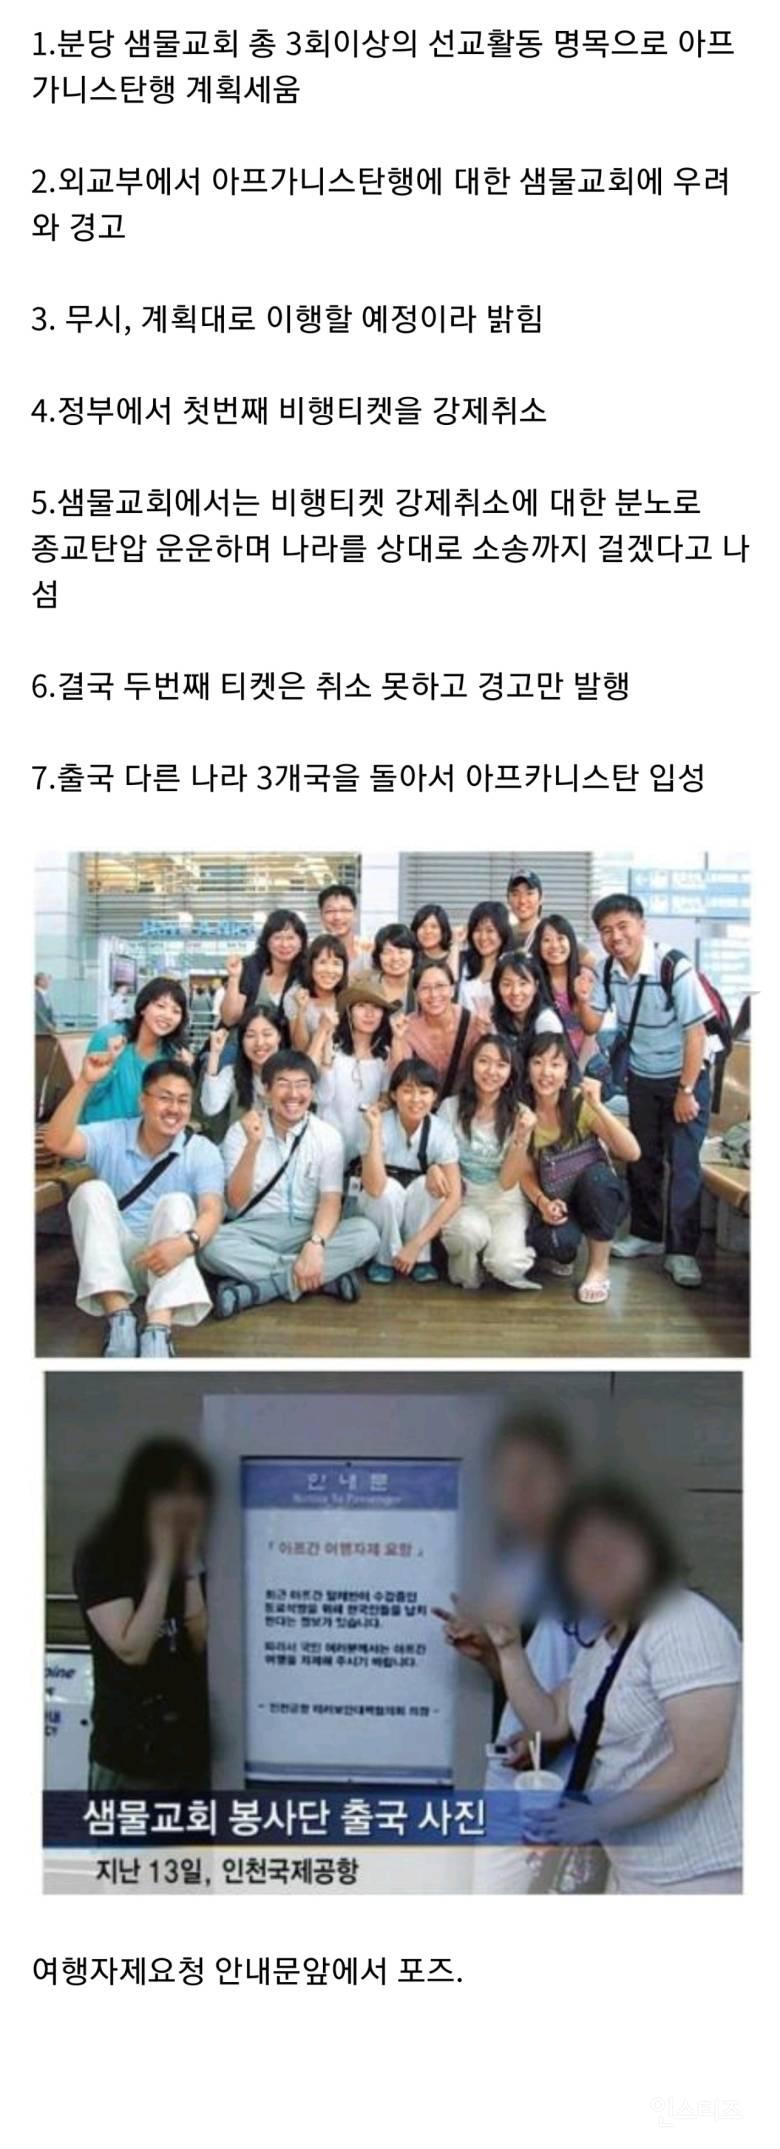 07년 여름 샘물교회 사건.jpg | 인스티즈